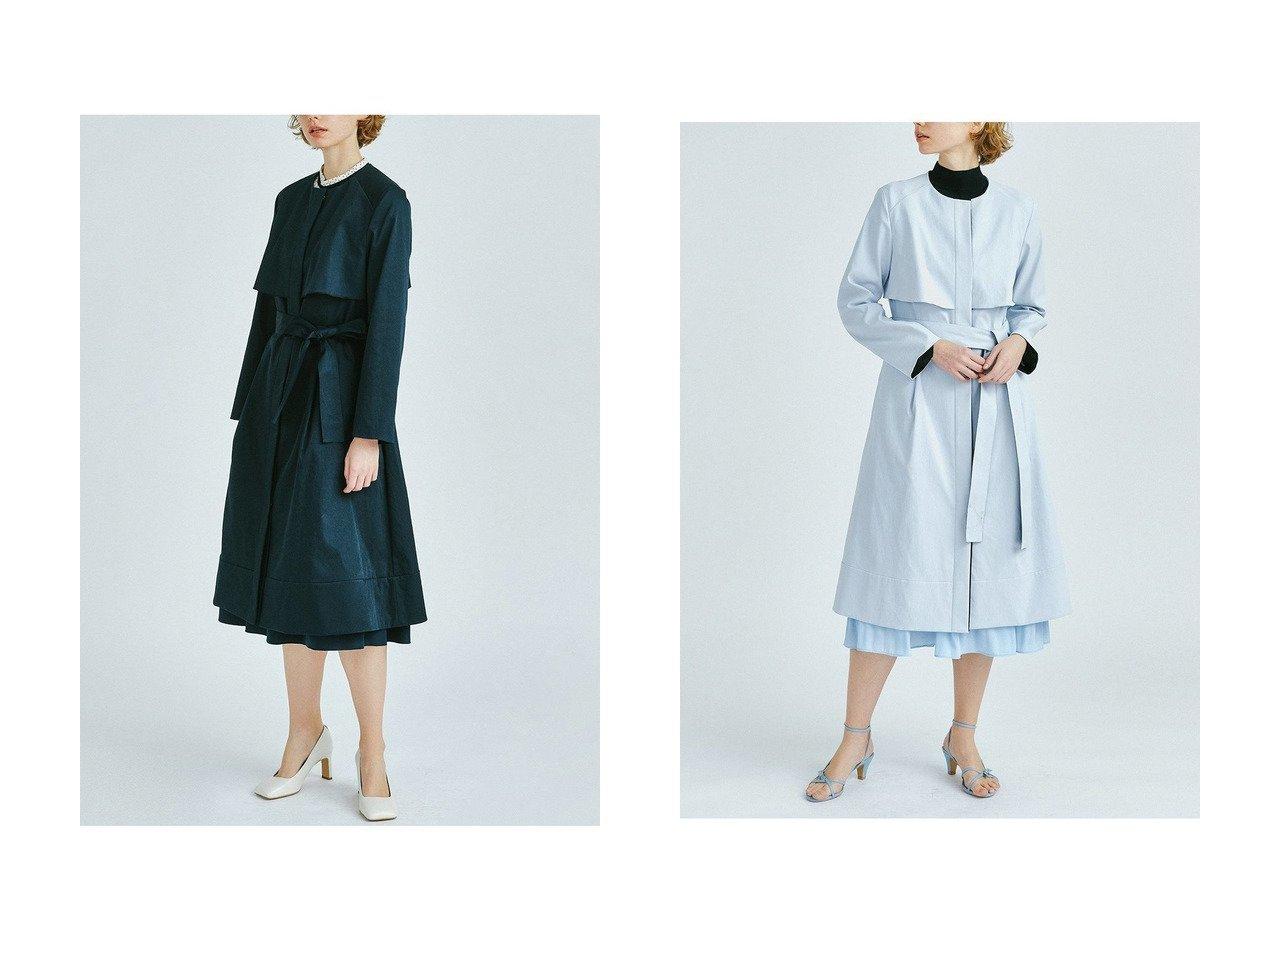 【LANVIN en Bleu/ランバン オン ブルー】のノーカラーベルト付きコート LANVIN en Bleuのおすすめ!人気、トレンド・レディースファッションの通販 おすすめで人気の流行・トレンド、ファッションの通販商品 メンズファッション・キッズファッション・インテリア・家具・レディースファッション・服の通販 founy(ファニー) https://founy.com/ ファッション Fashion レディースファッション WOMEN アウター Coat Outerwear コート Coats ベルト Belts 春 Spring クール トレンド ハイネック フレア フロント リボン ロング 2021年 2021 S/S 春夏 SS Spring/Summer 2021 春夏 S/S SS Spring/Summer 2021 |ID:crp329100000019525